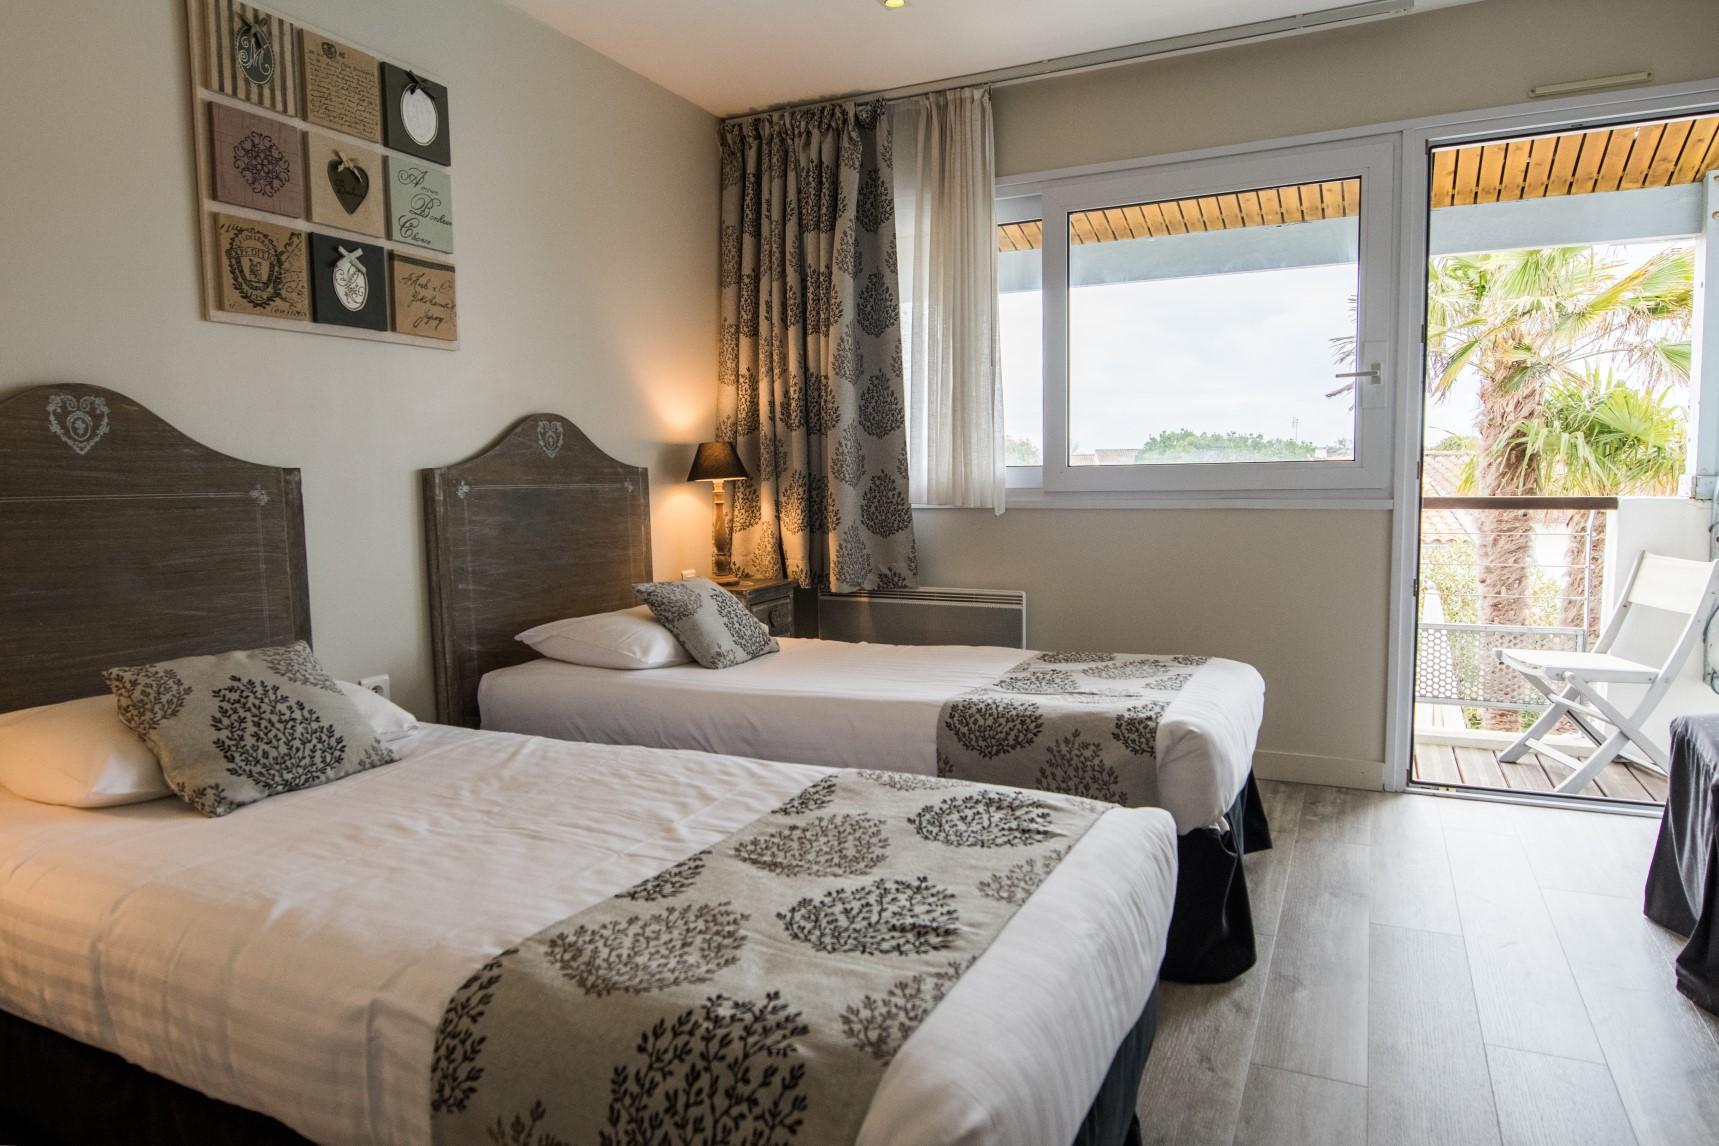 Chambre double twin de l'Hôtel Le peu Breton sur l'île de Ré